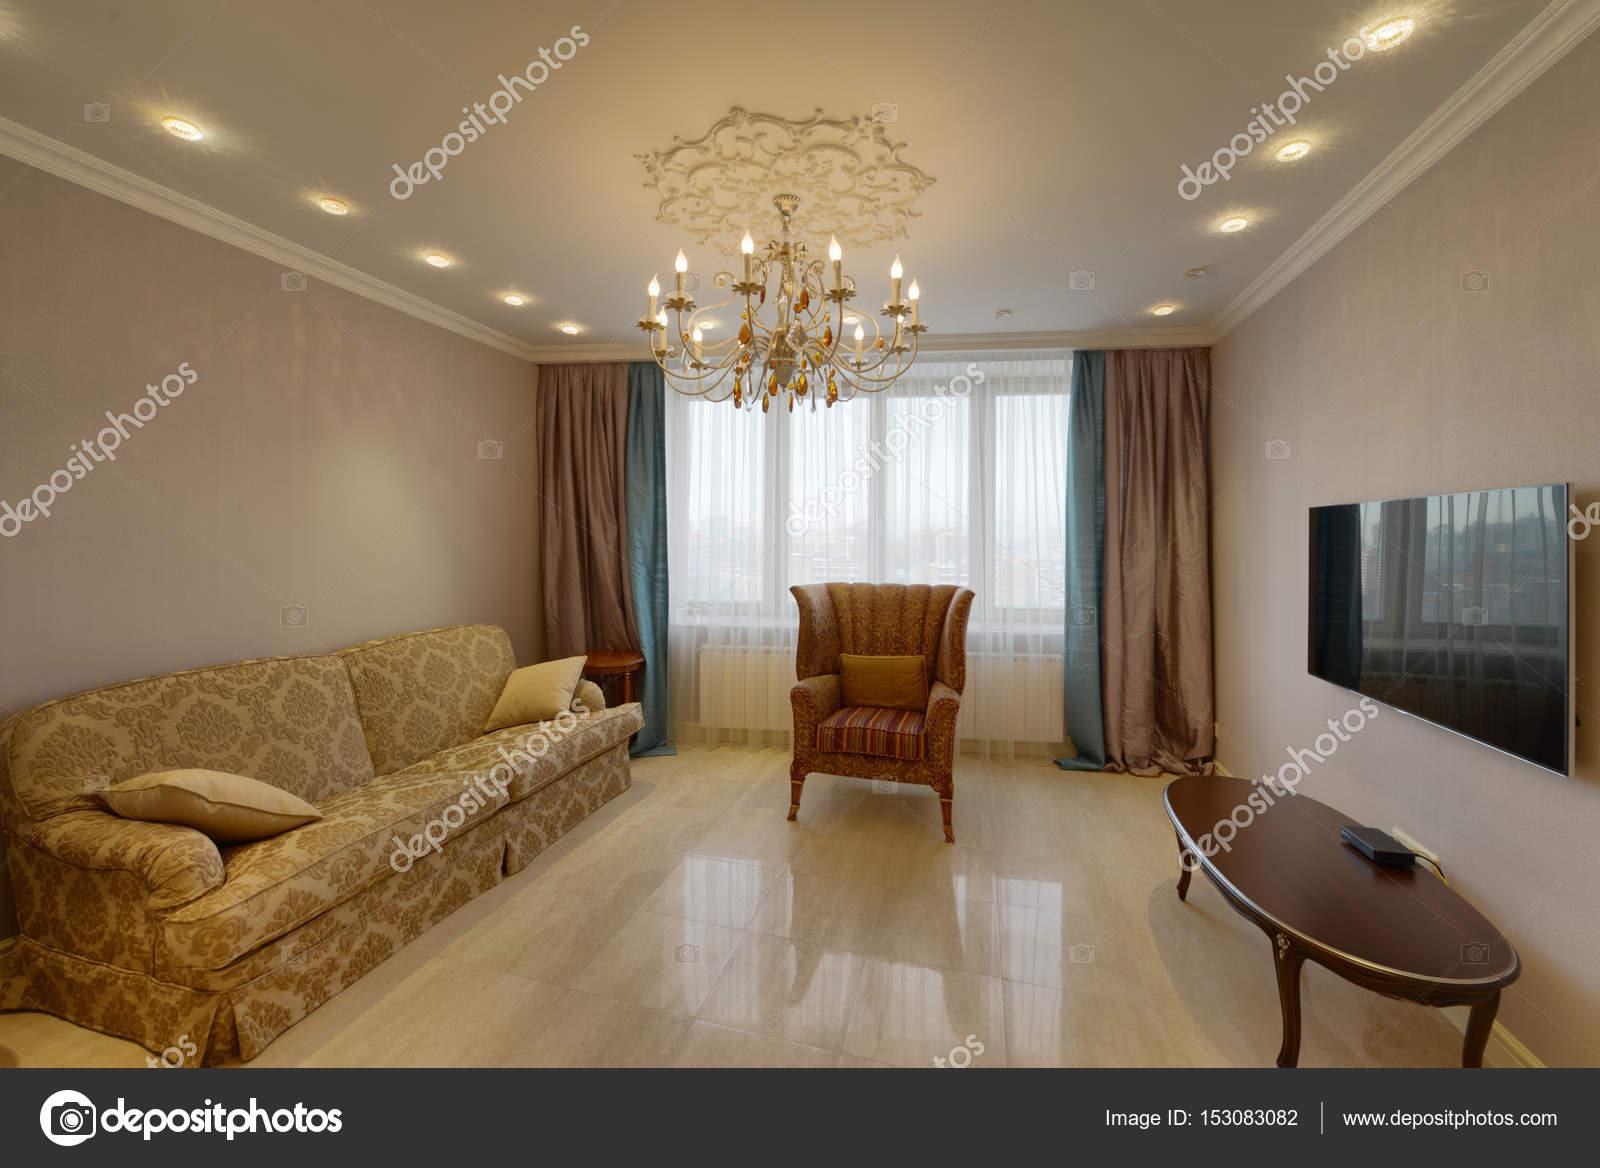 Russland, Moscow Region - Innenarchitektur Wohnzimmer in neue ...